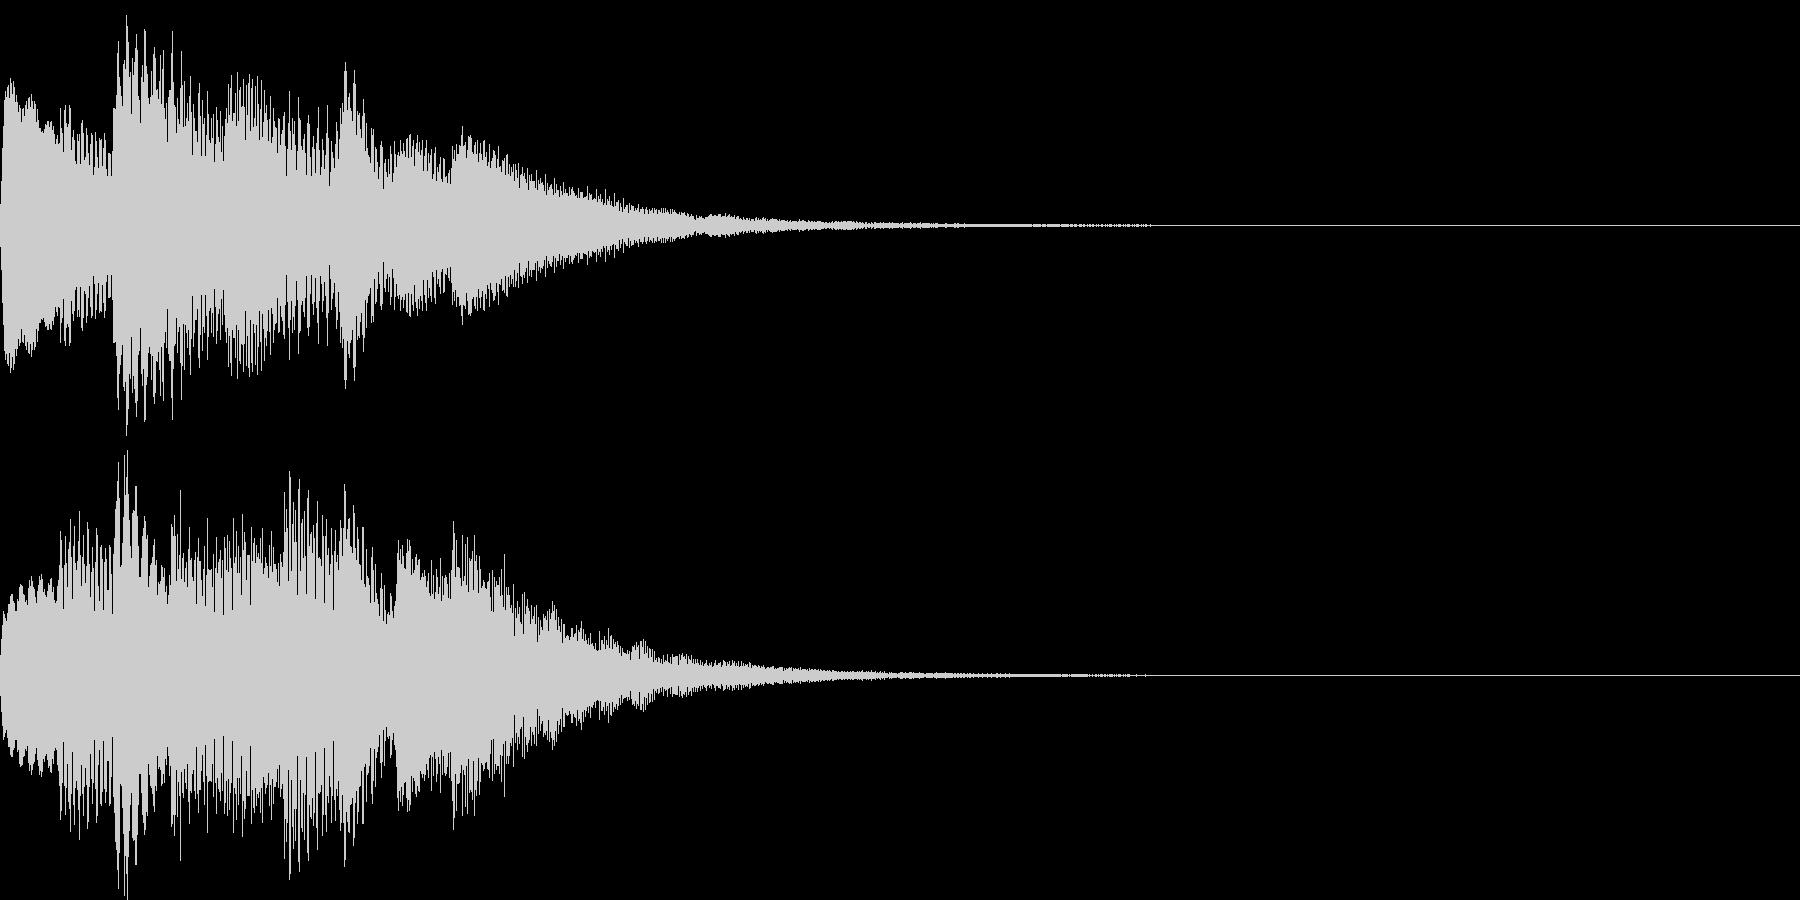 サウンドロゴ09の未再生の波形